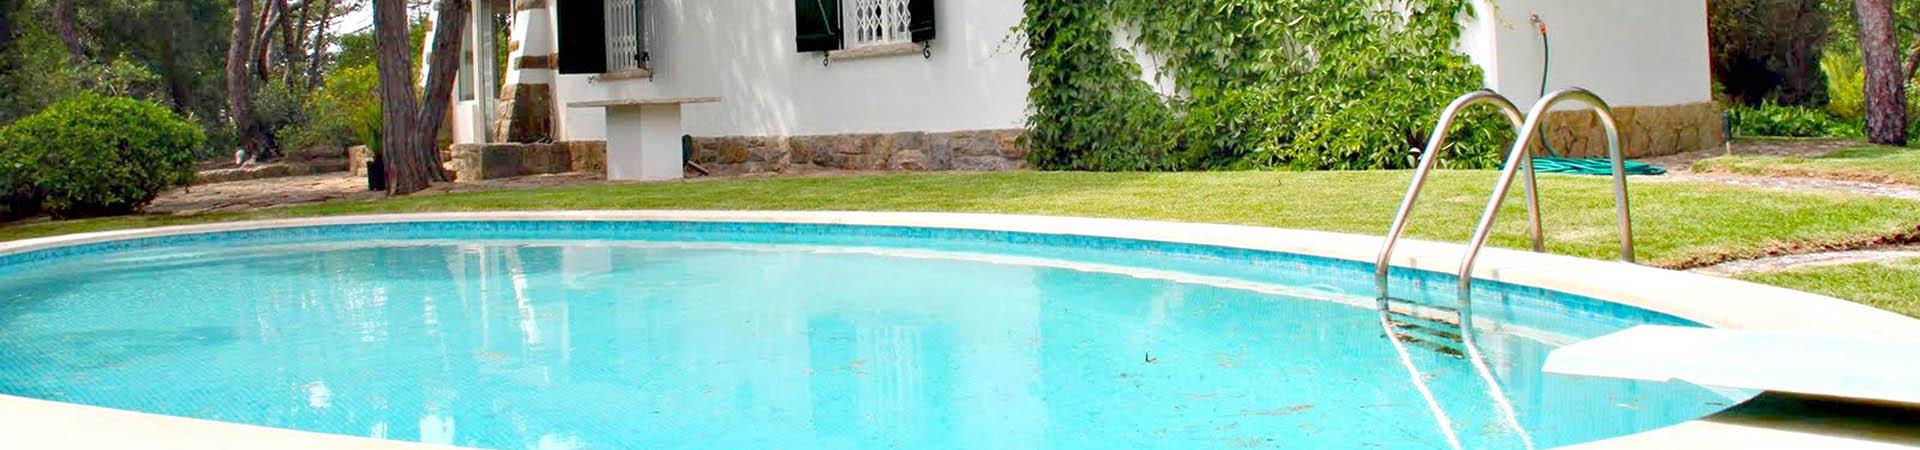 Empresa construccion piscinas de hormigon en malaga for Construccion de piscinas en malaga